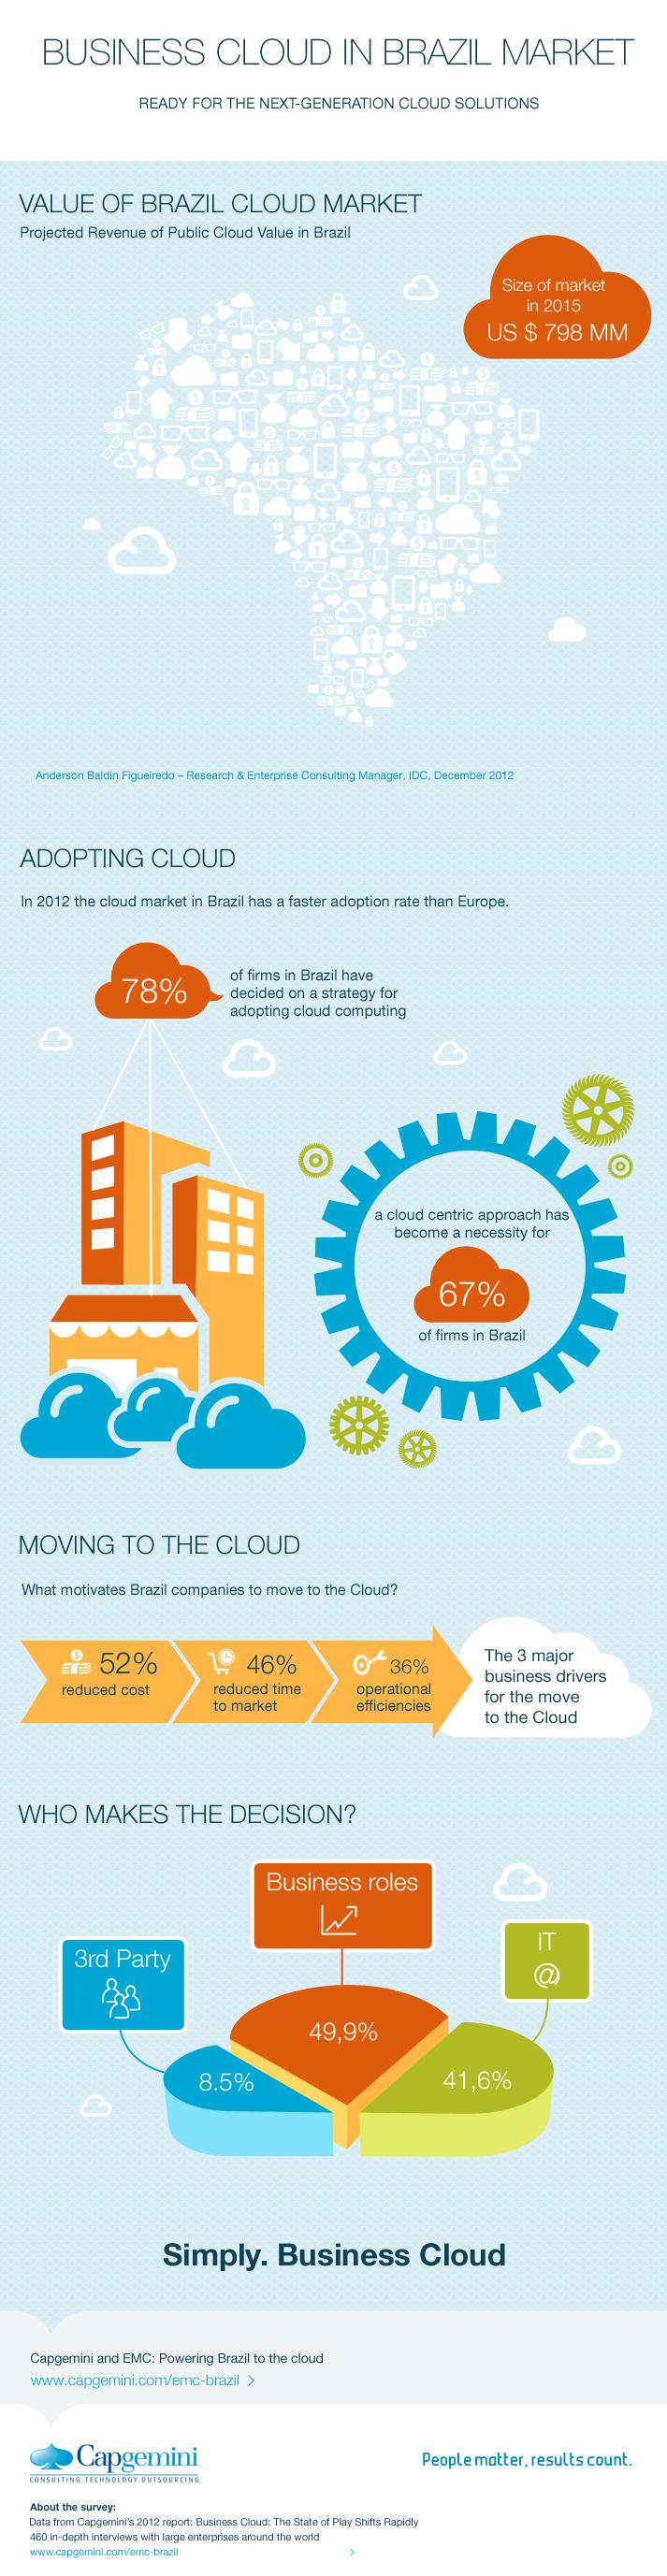 12. Business Cloud Market in Brazil